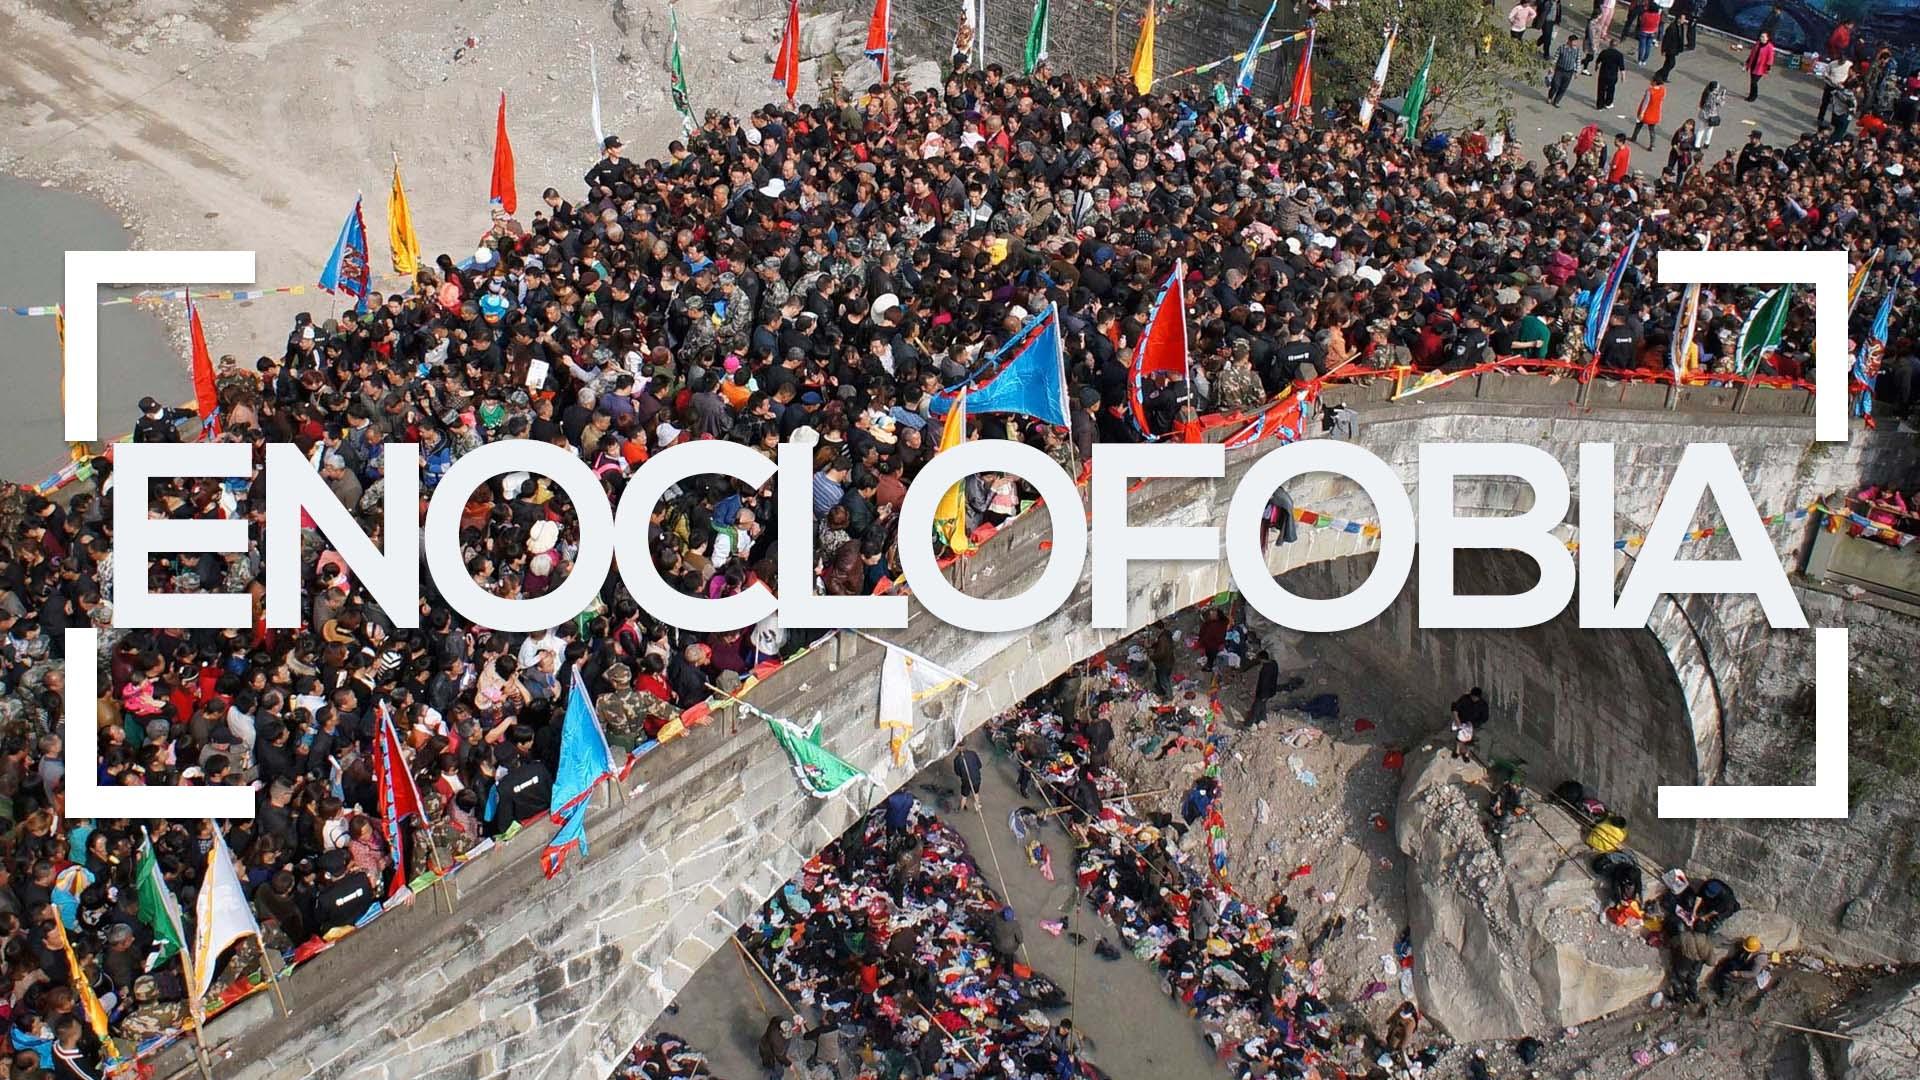 Se muestra un puente de piedra plagado de gente y la palabra enoclofobia